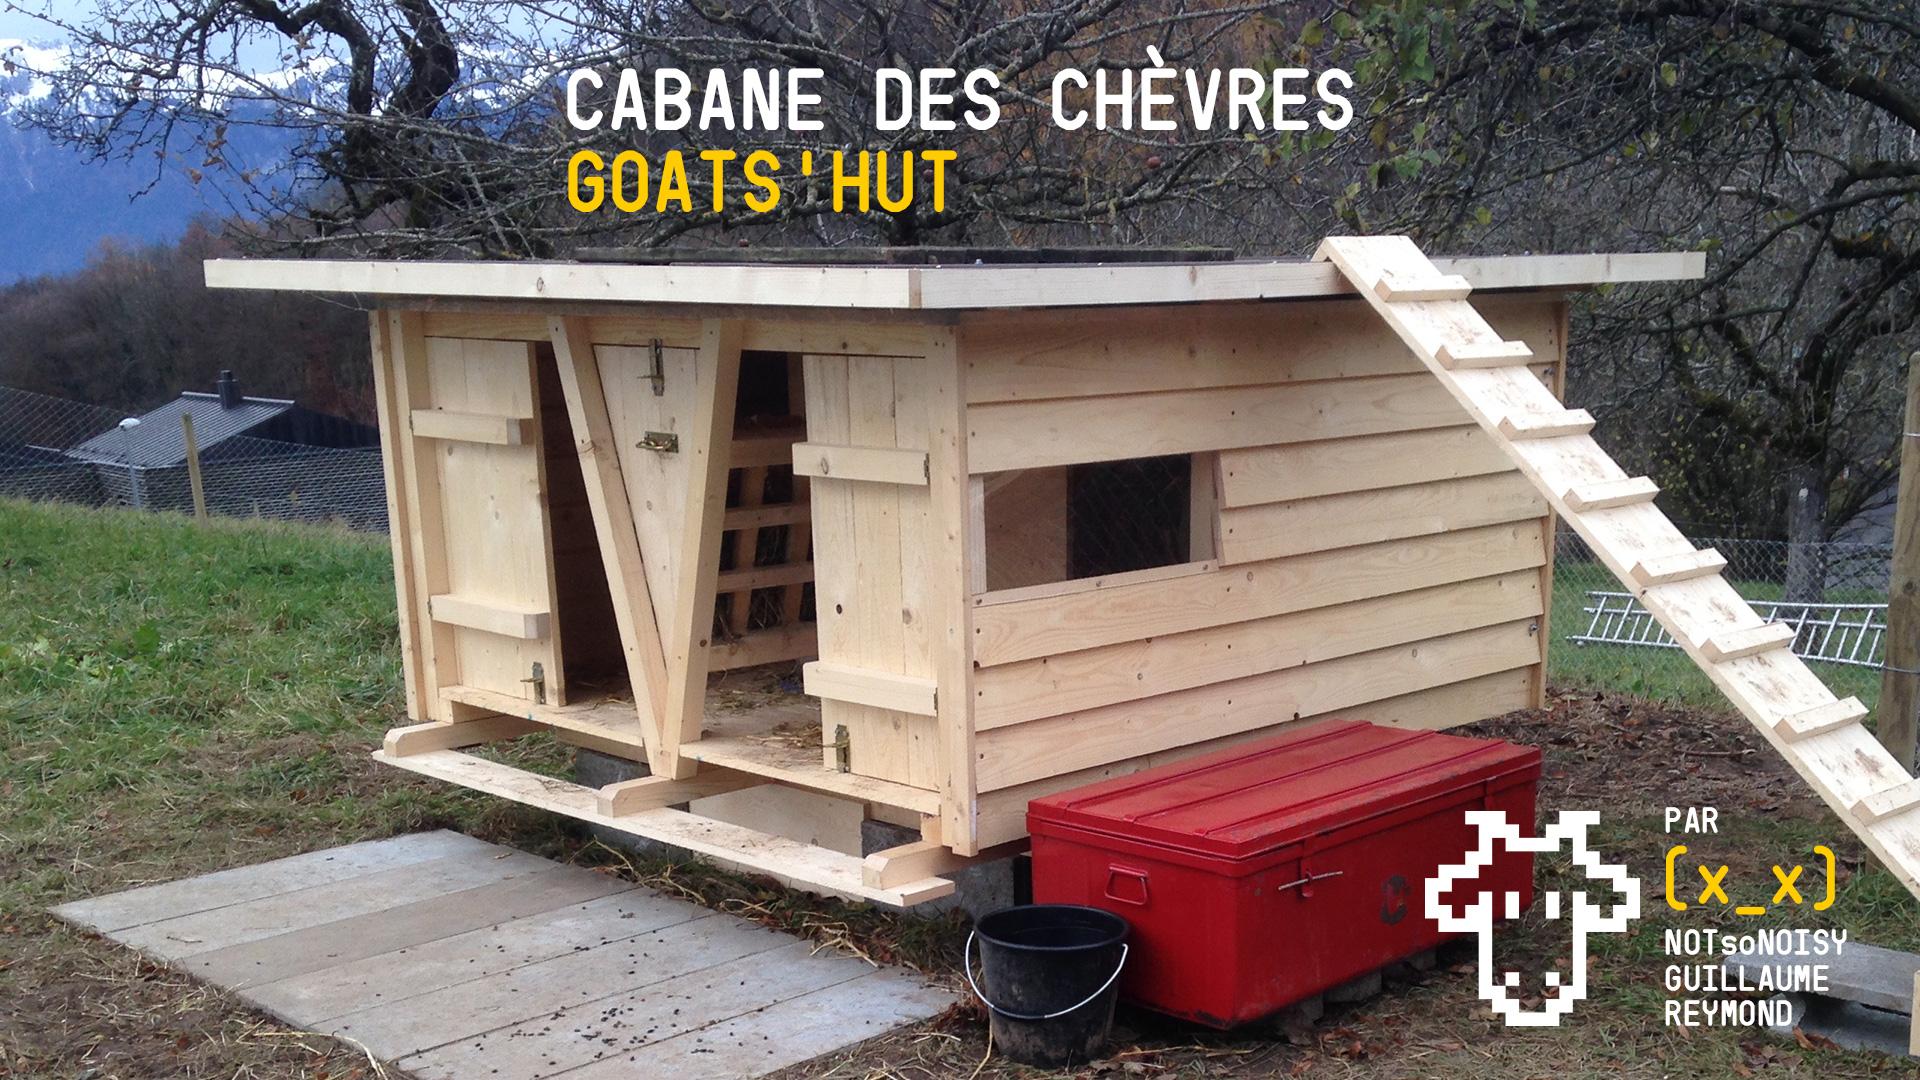 Cabane des chèvres